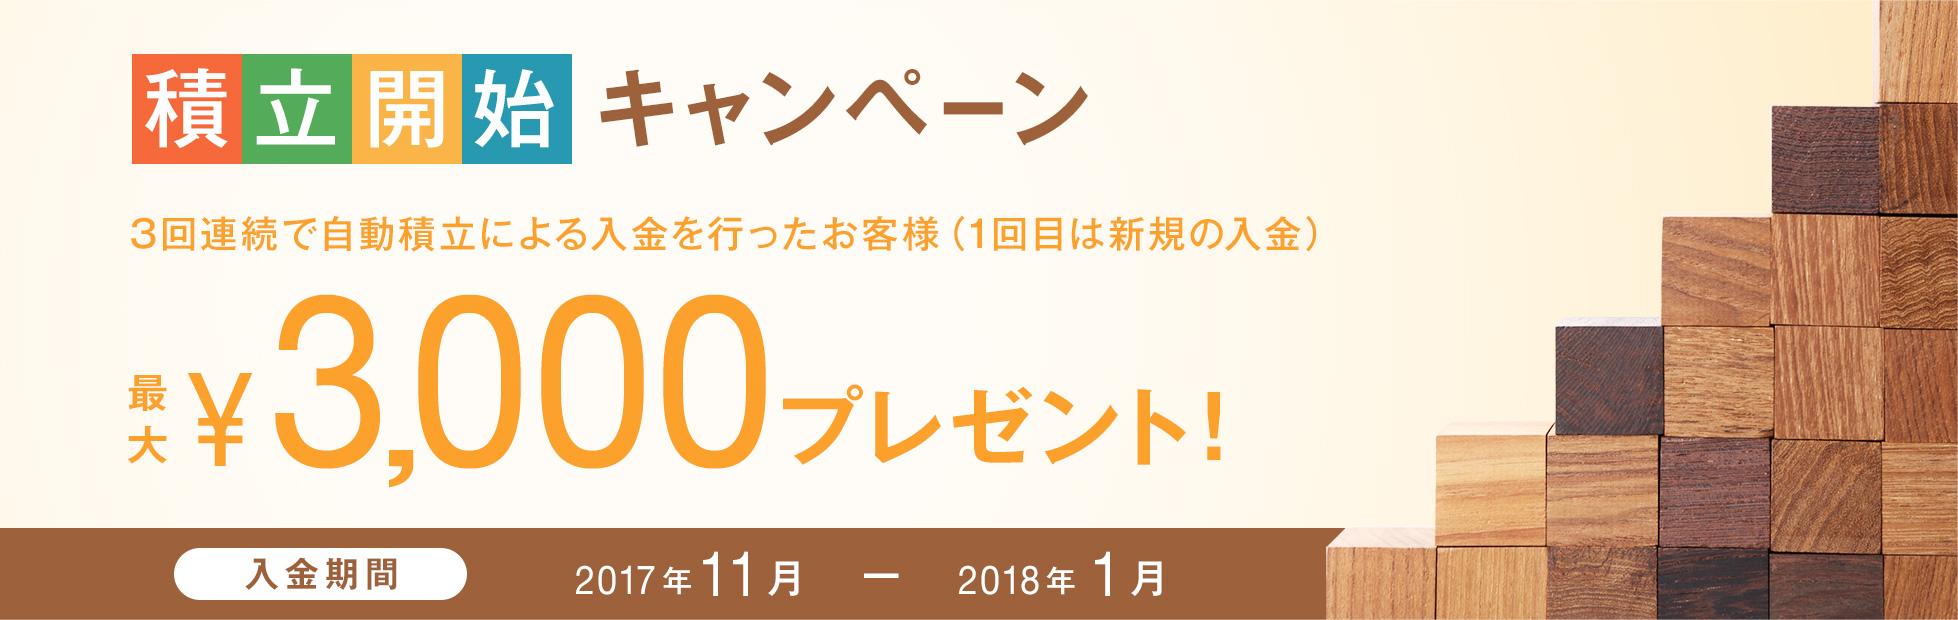 積立開始キャンペーン:3回連続で自動積立による入金を行ったお客様(1回目は新規の入金)に、最大3,000円の現金プレゼント!